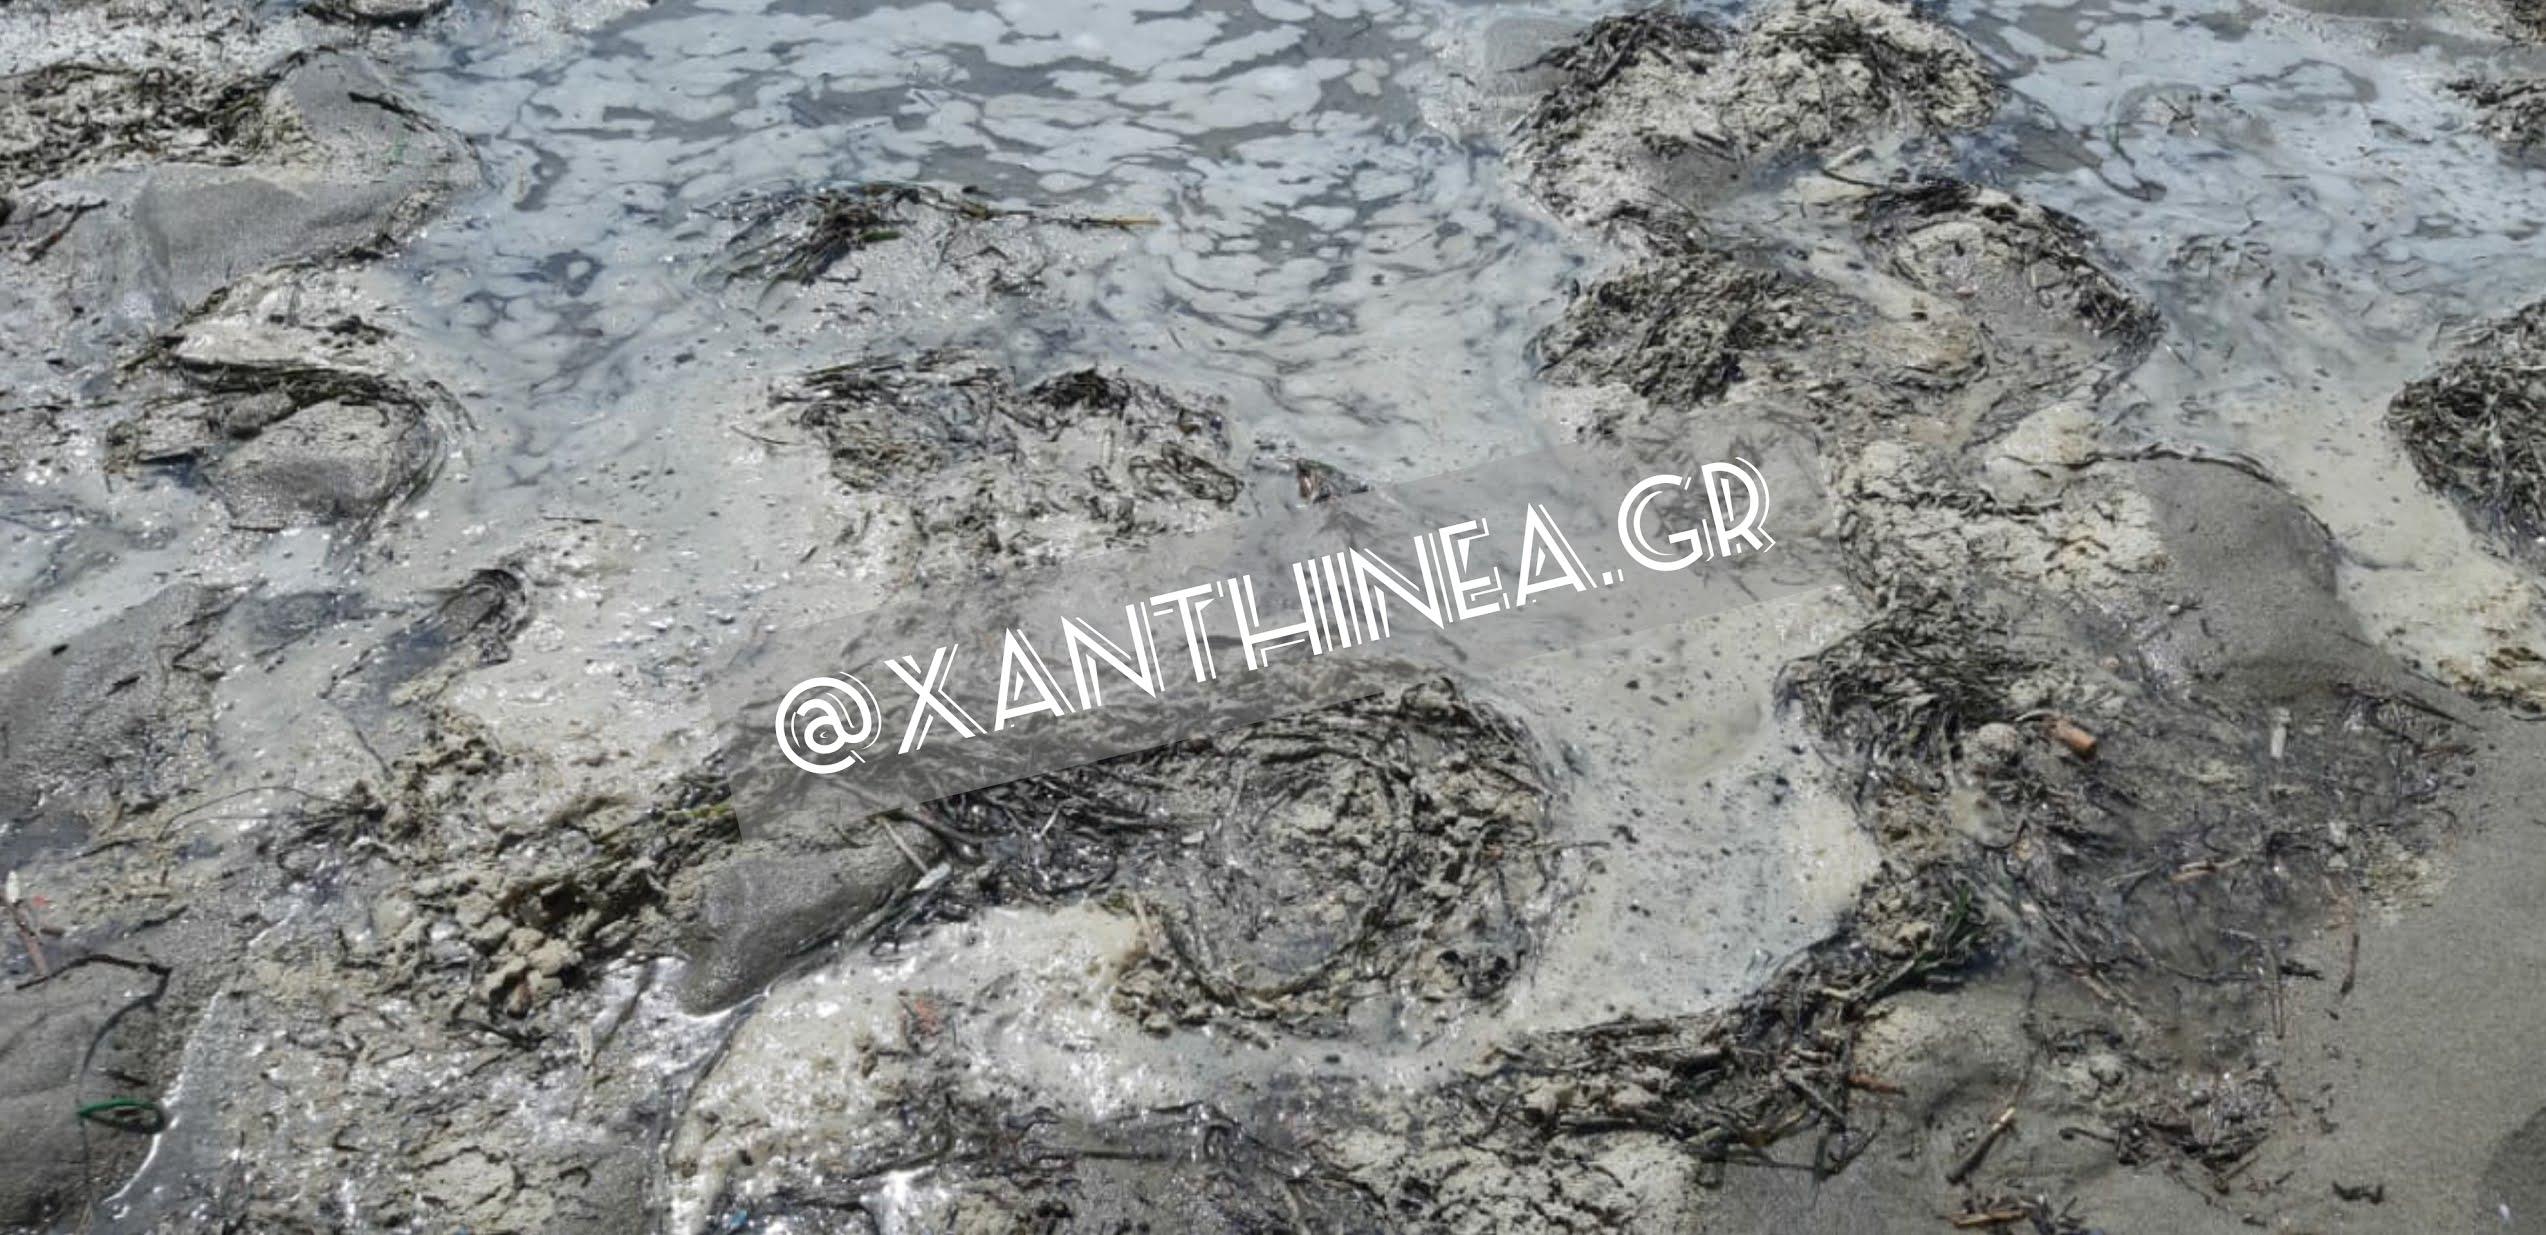 Ξάνθη: Καθησυχαστικοί οι ειδικοί για βλέννα και θολούρα στη θάλασσα